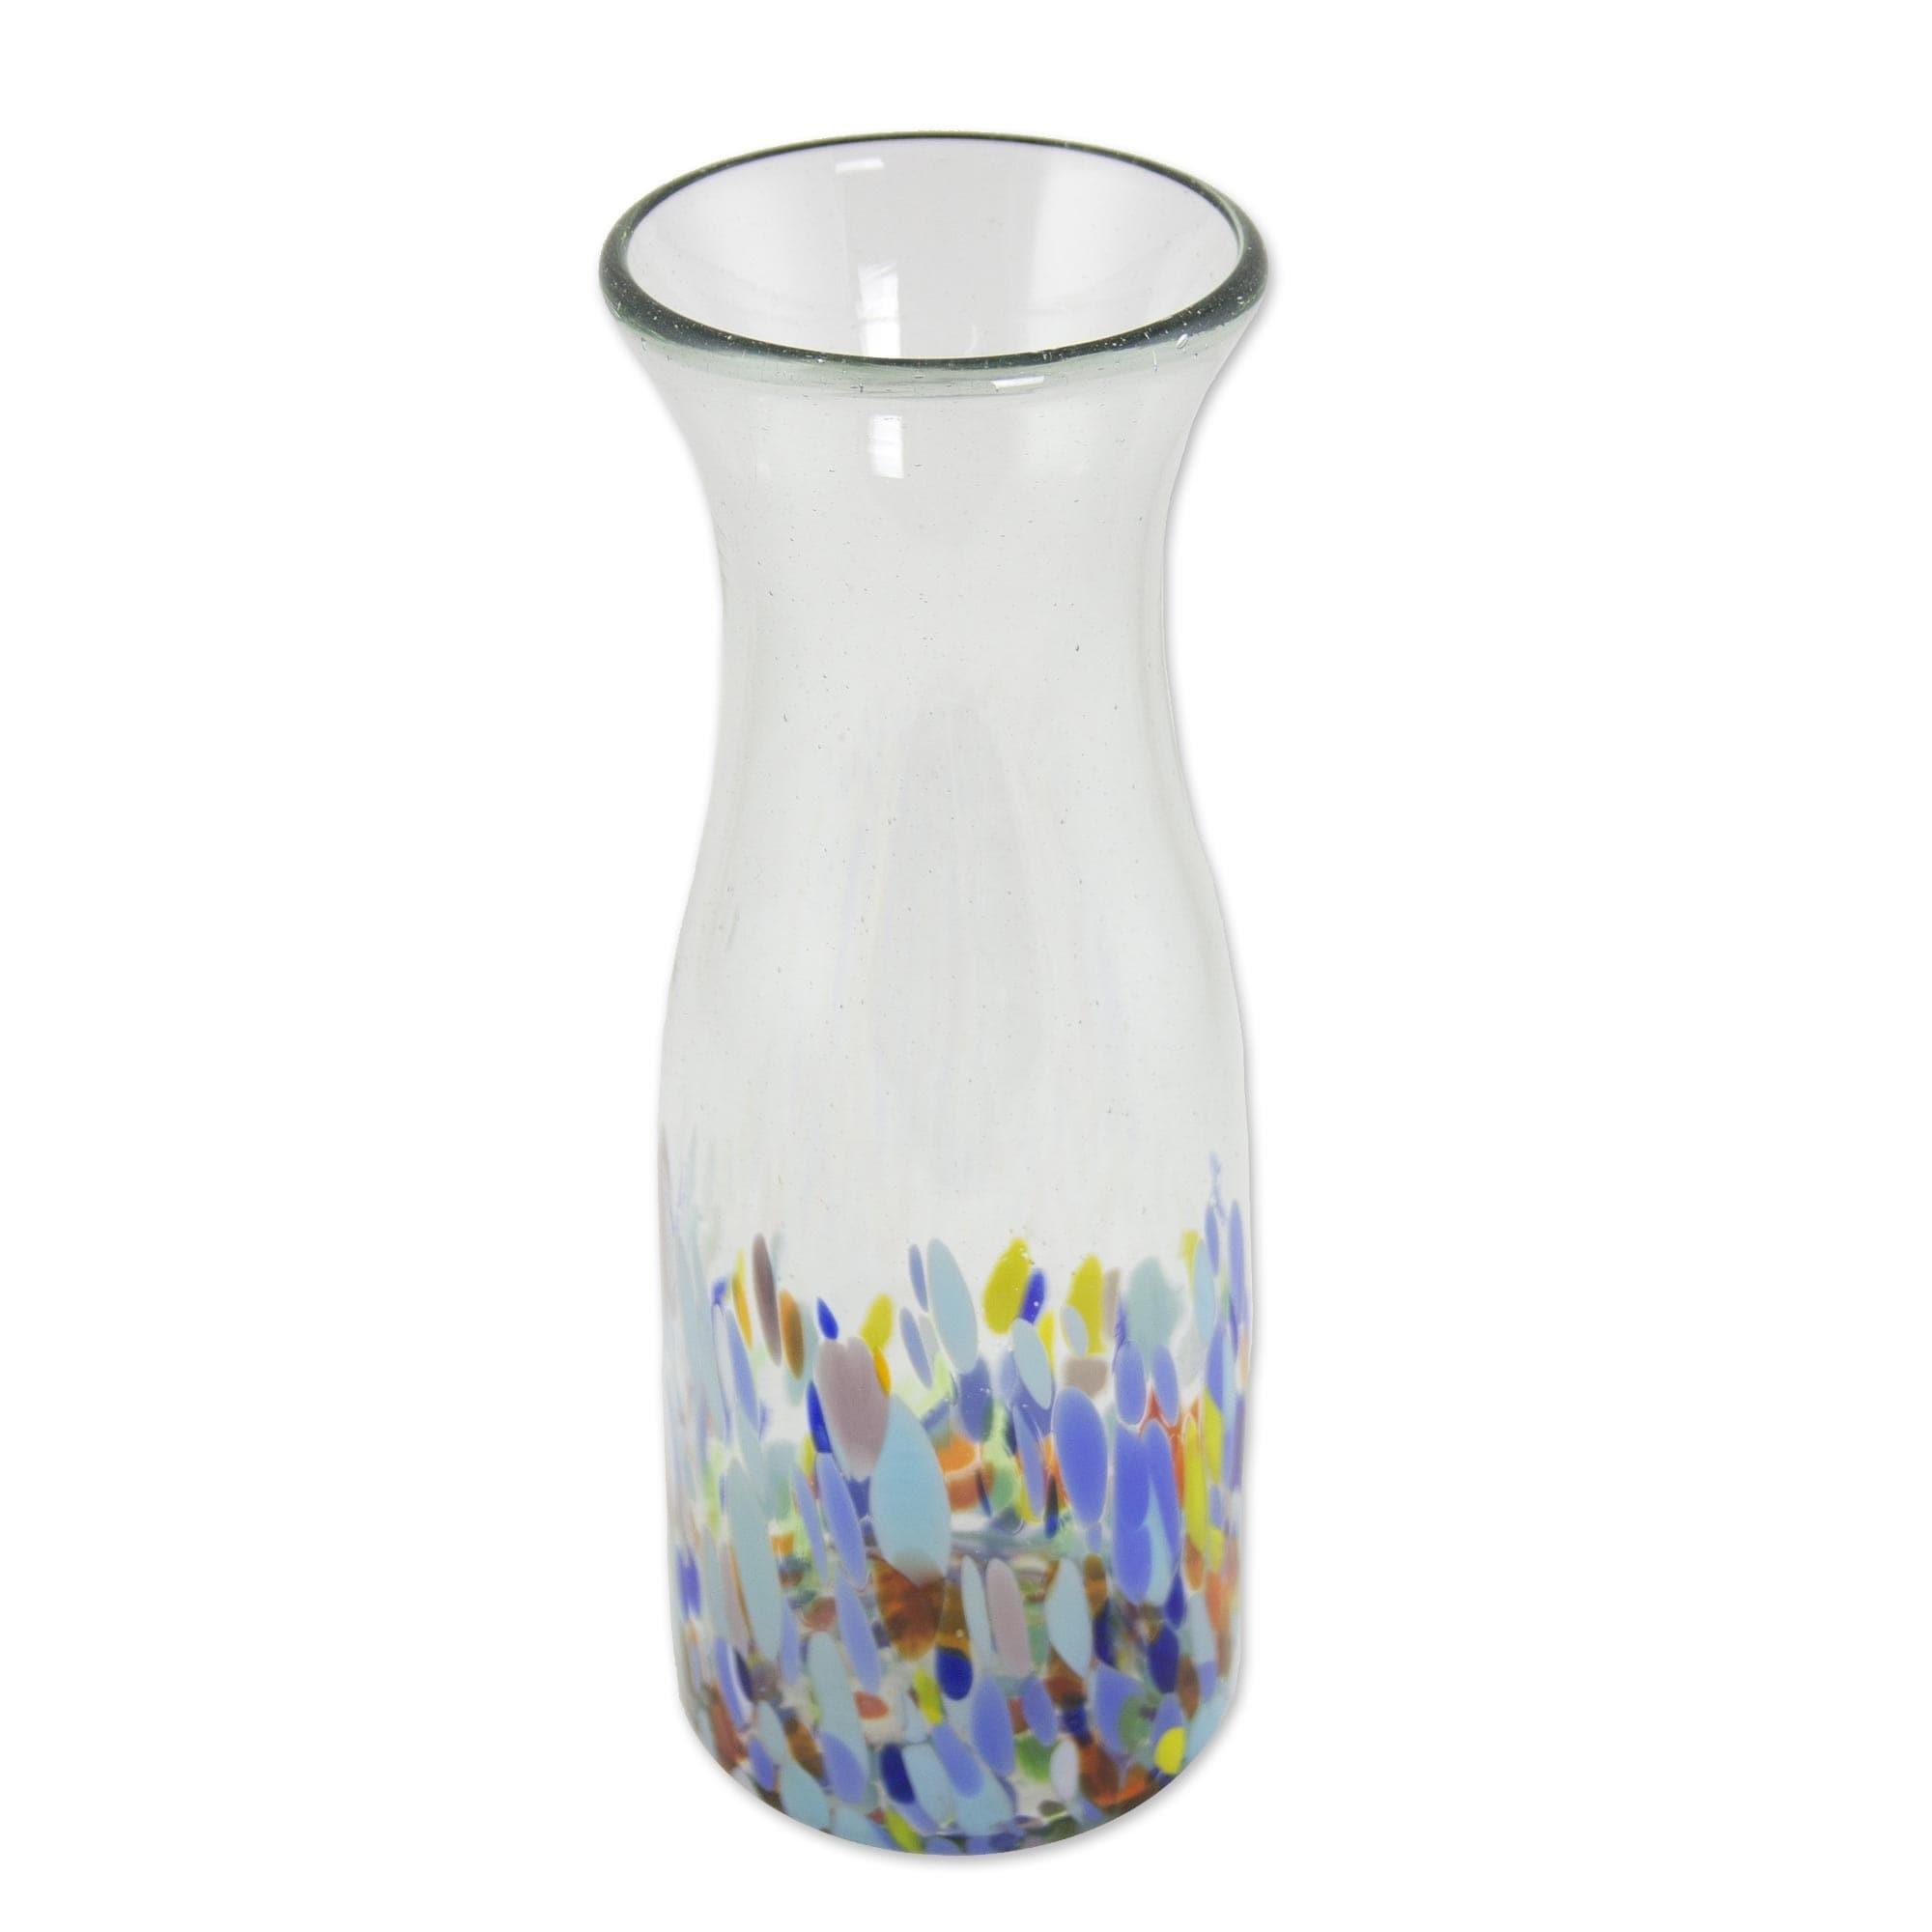 Handmade Confetti Festival Blown Glass Carafe Mexico Overstock 29340603